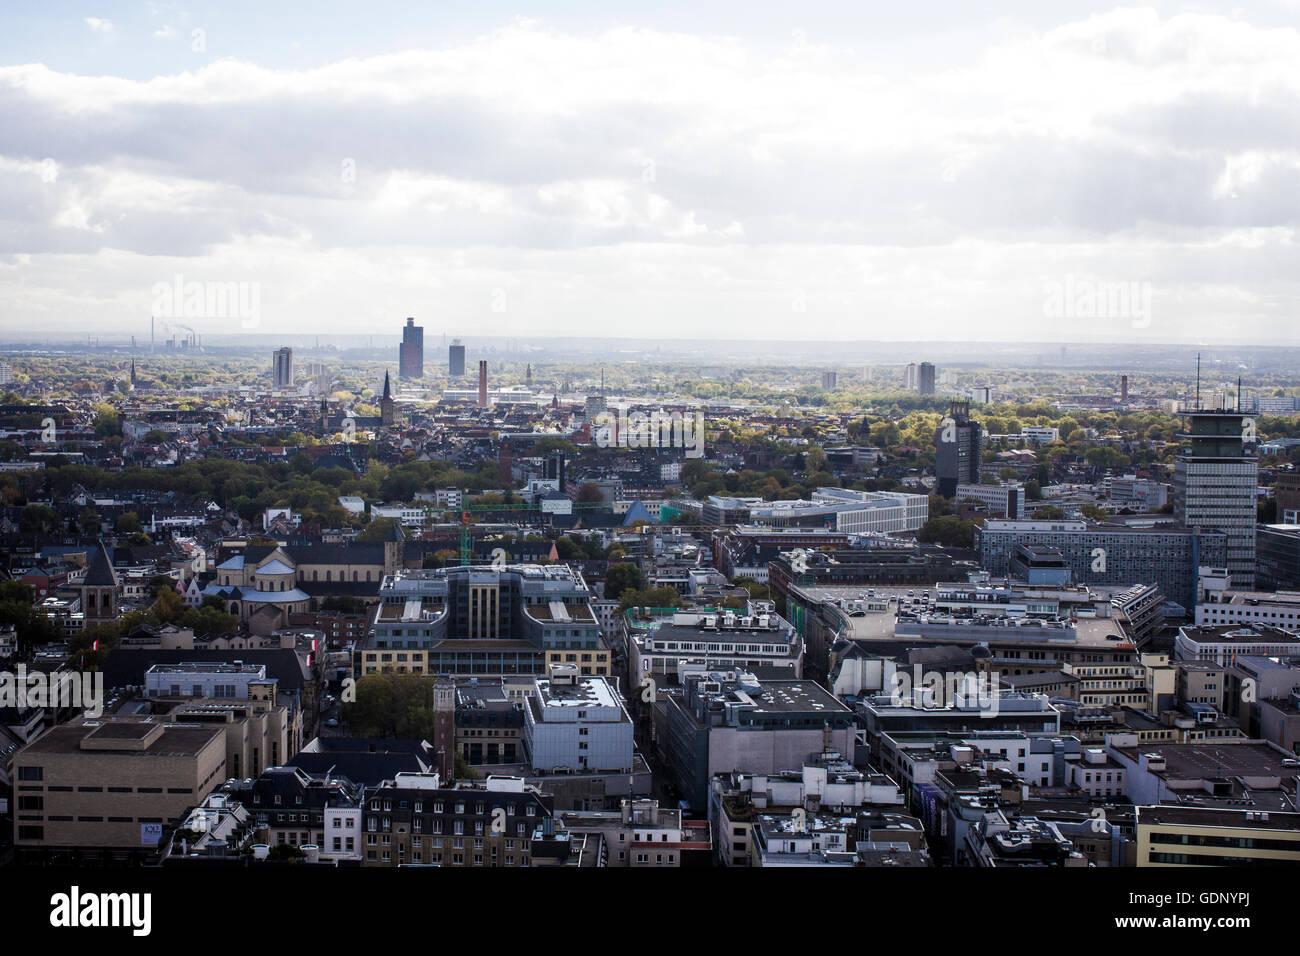 Die Stadt Koln Von Einer Aussichtsplattform Im Turm Der Kolner Dom In Koln Gesehen Stockfotografie Alamy